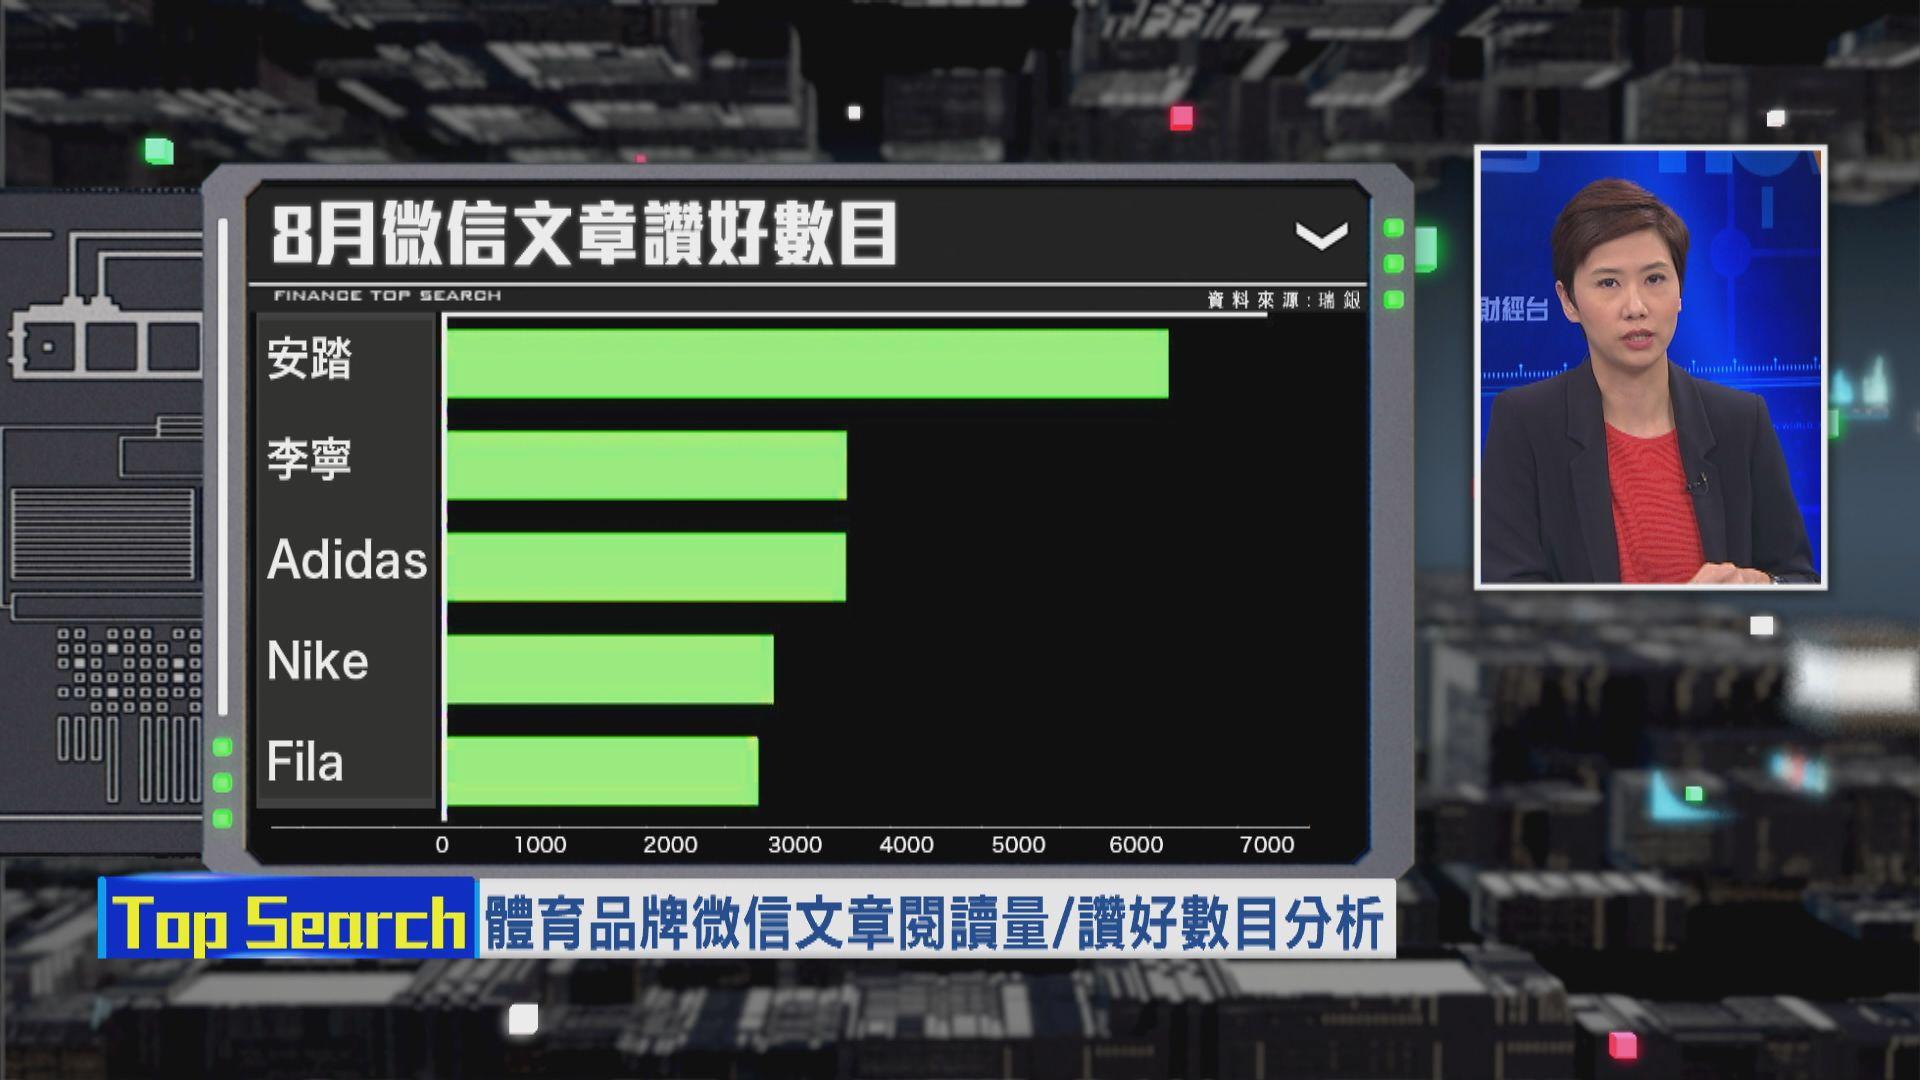 【財經TOP SEARCH】安踏靠北京冬奧「追落後」